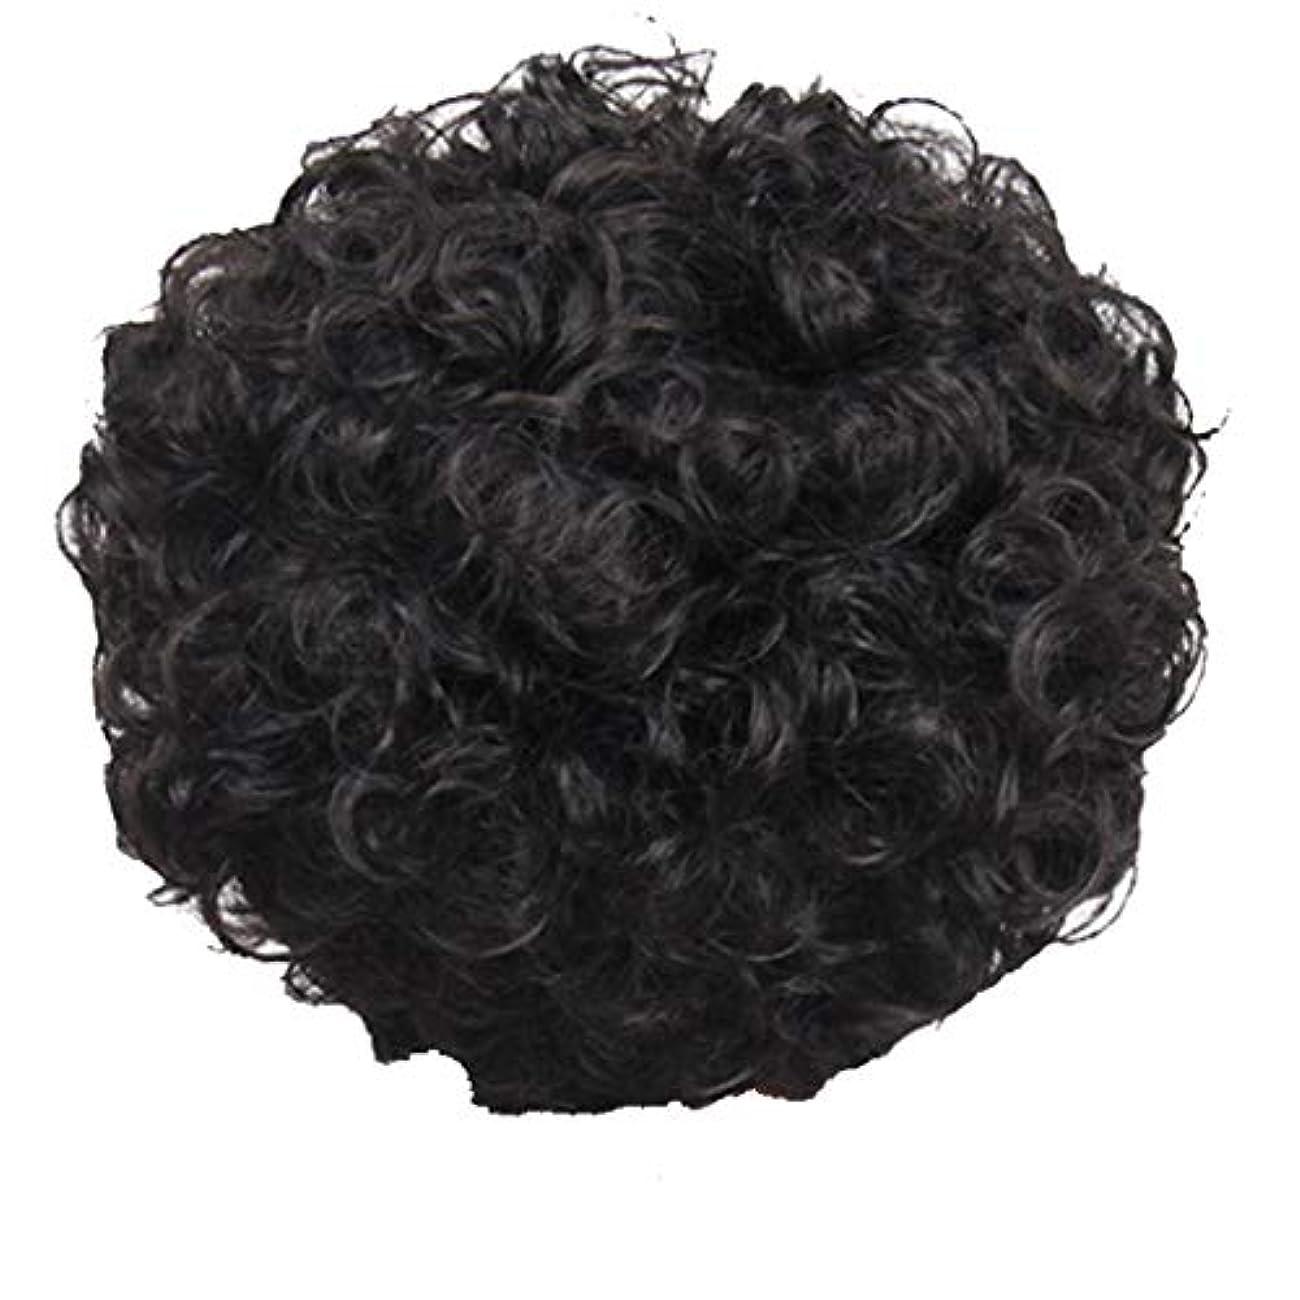 中庭嫌い後世かつら、女性、短い髪、巻き毛、かつら、エルフカット、かつらキャップ、27cm